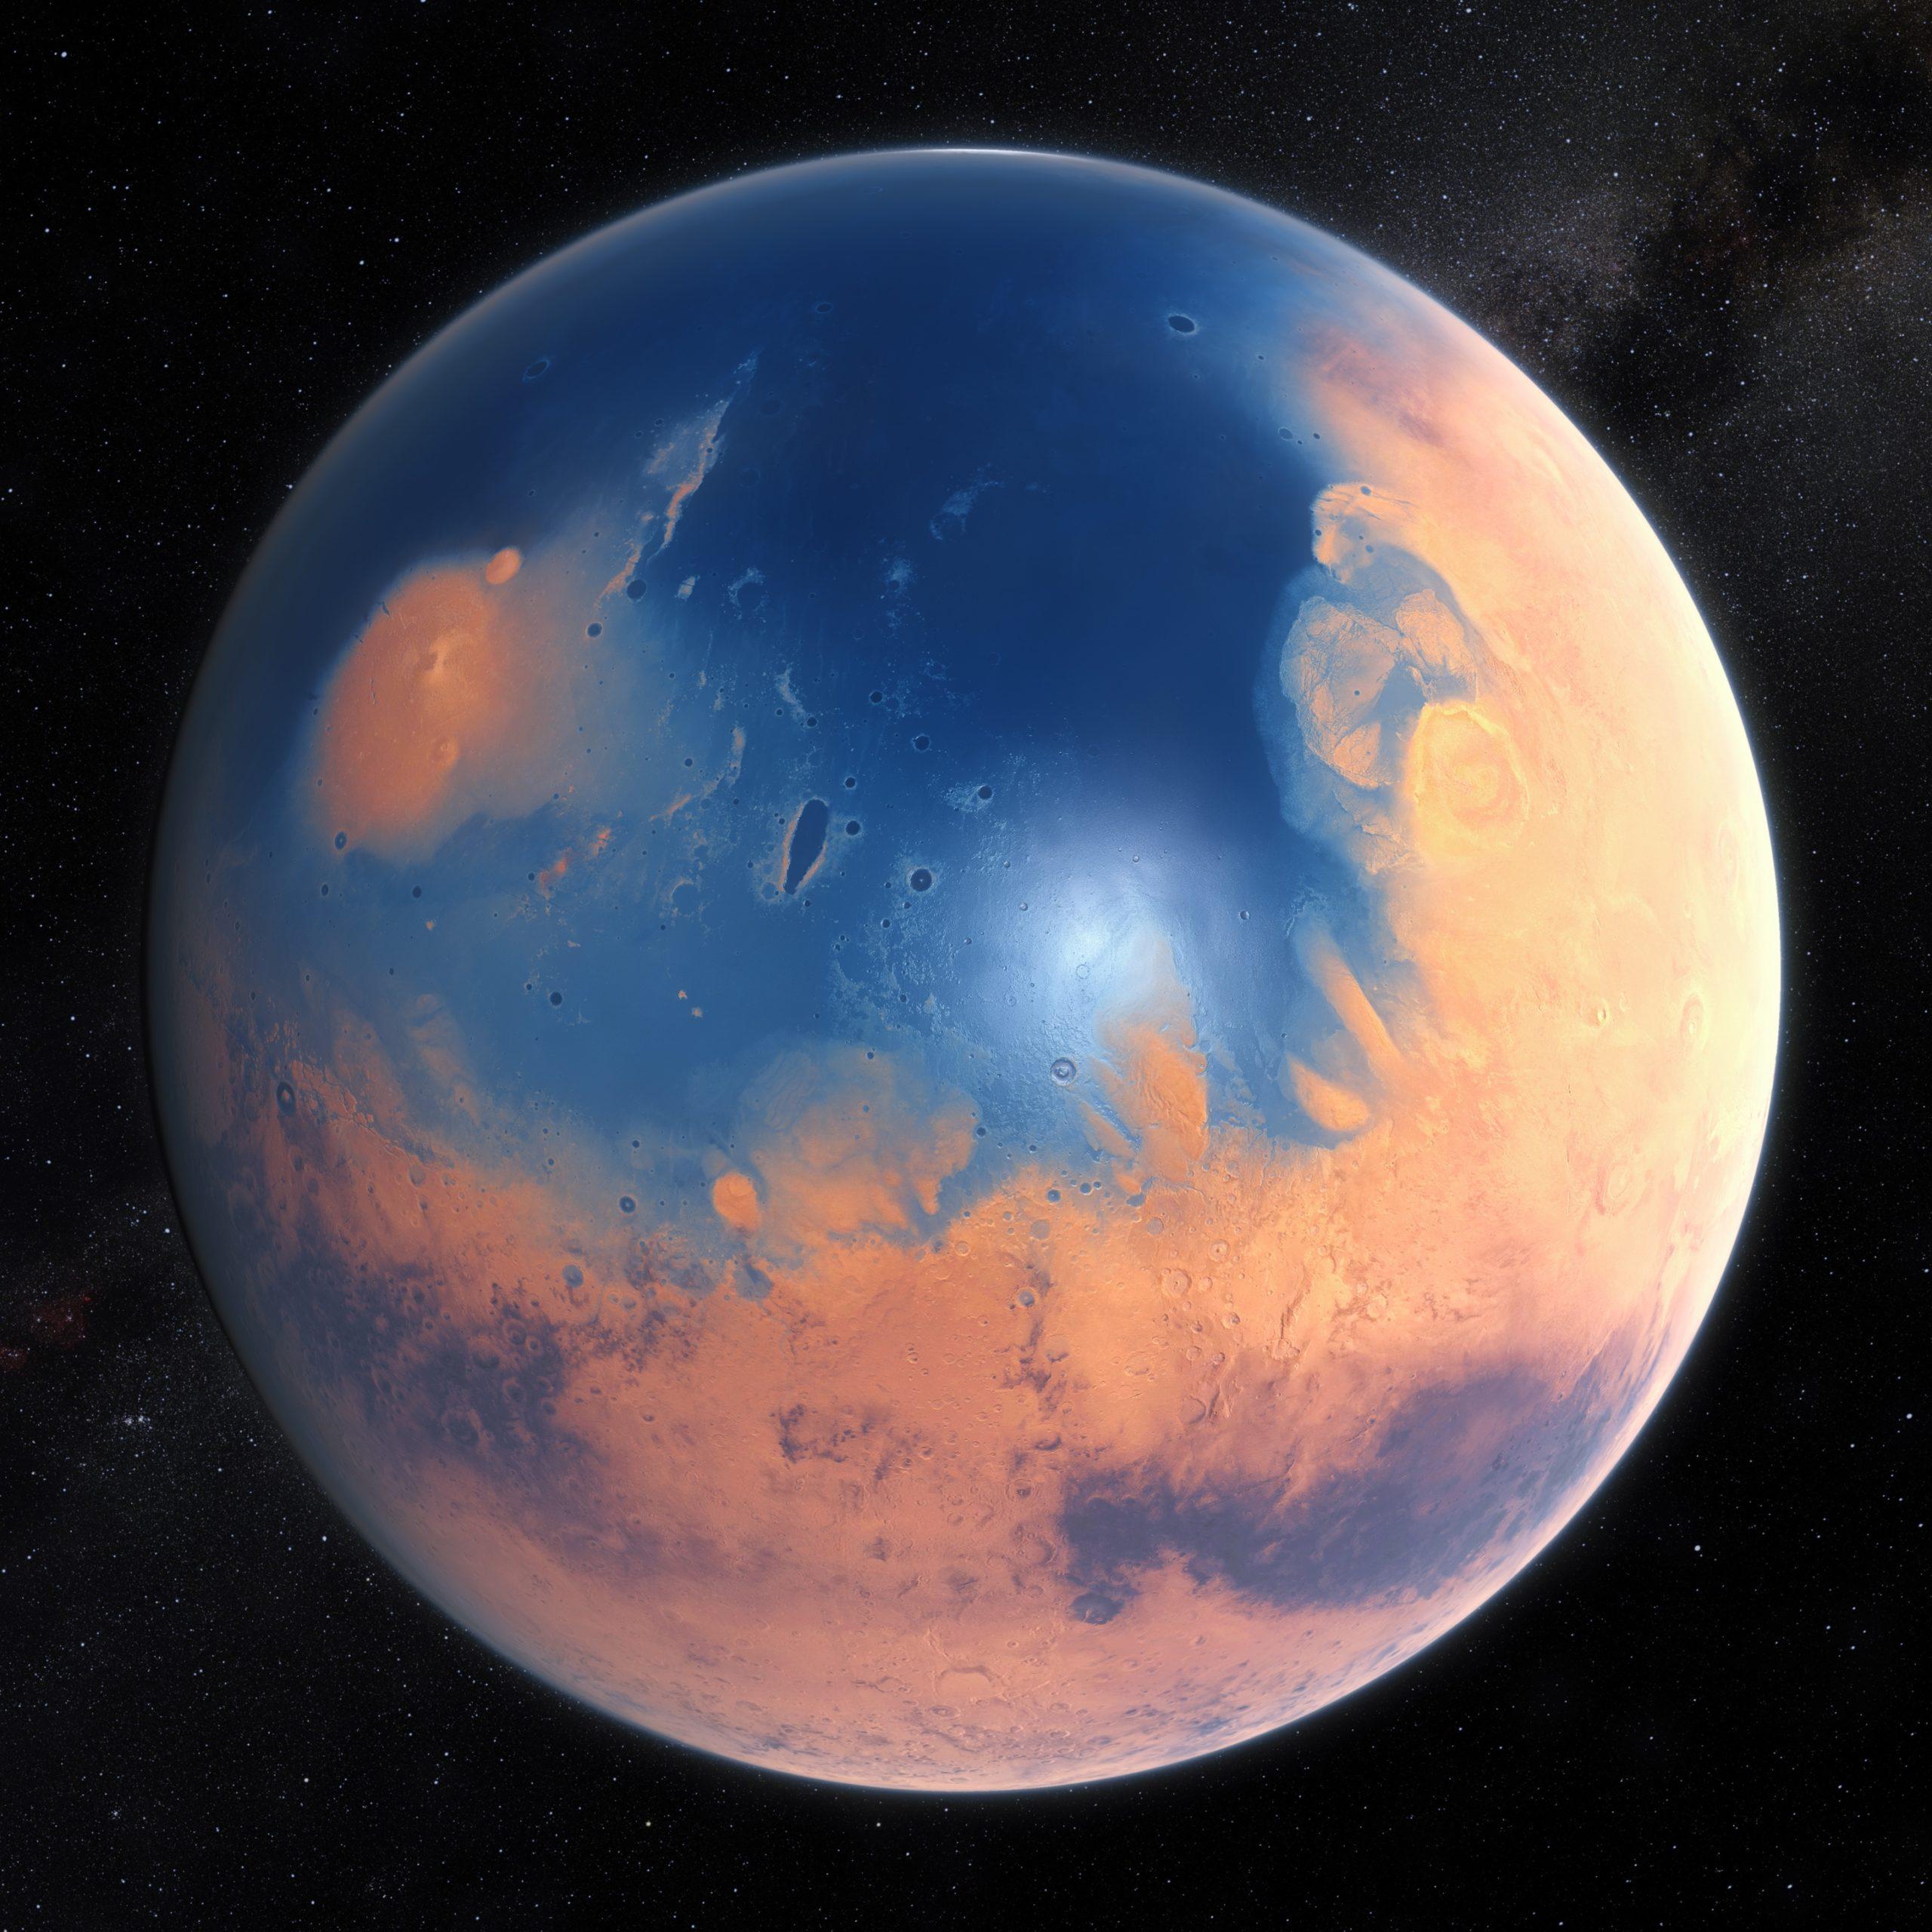 Vue d'artiste de la planète Mars il y a 4 milliards d'années